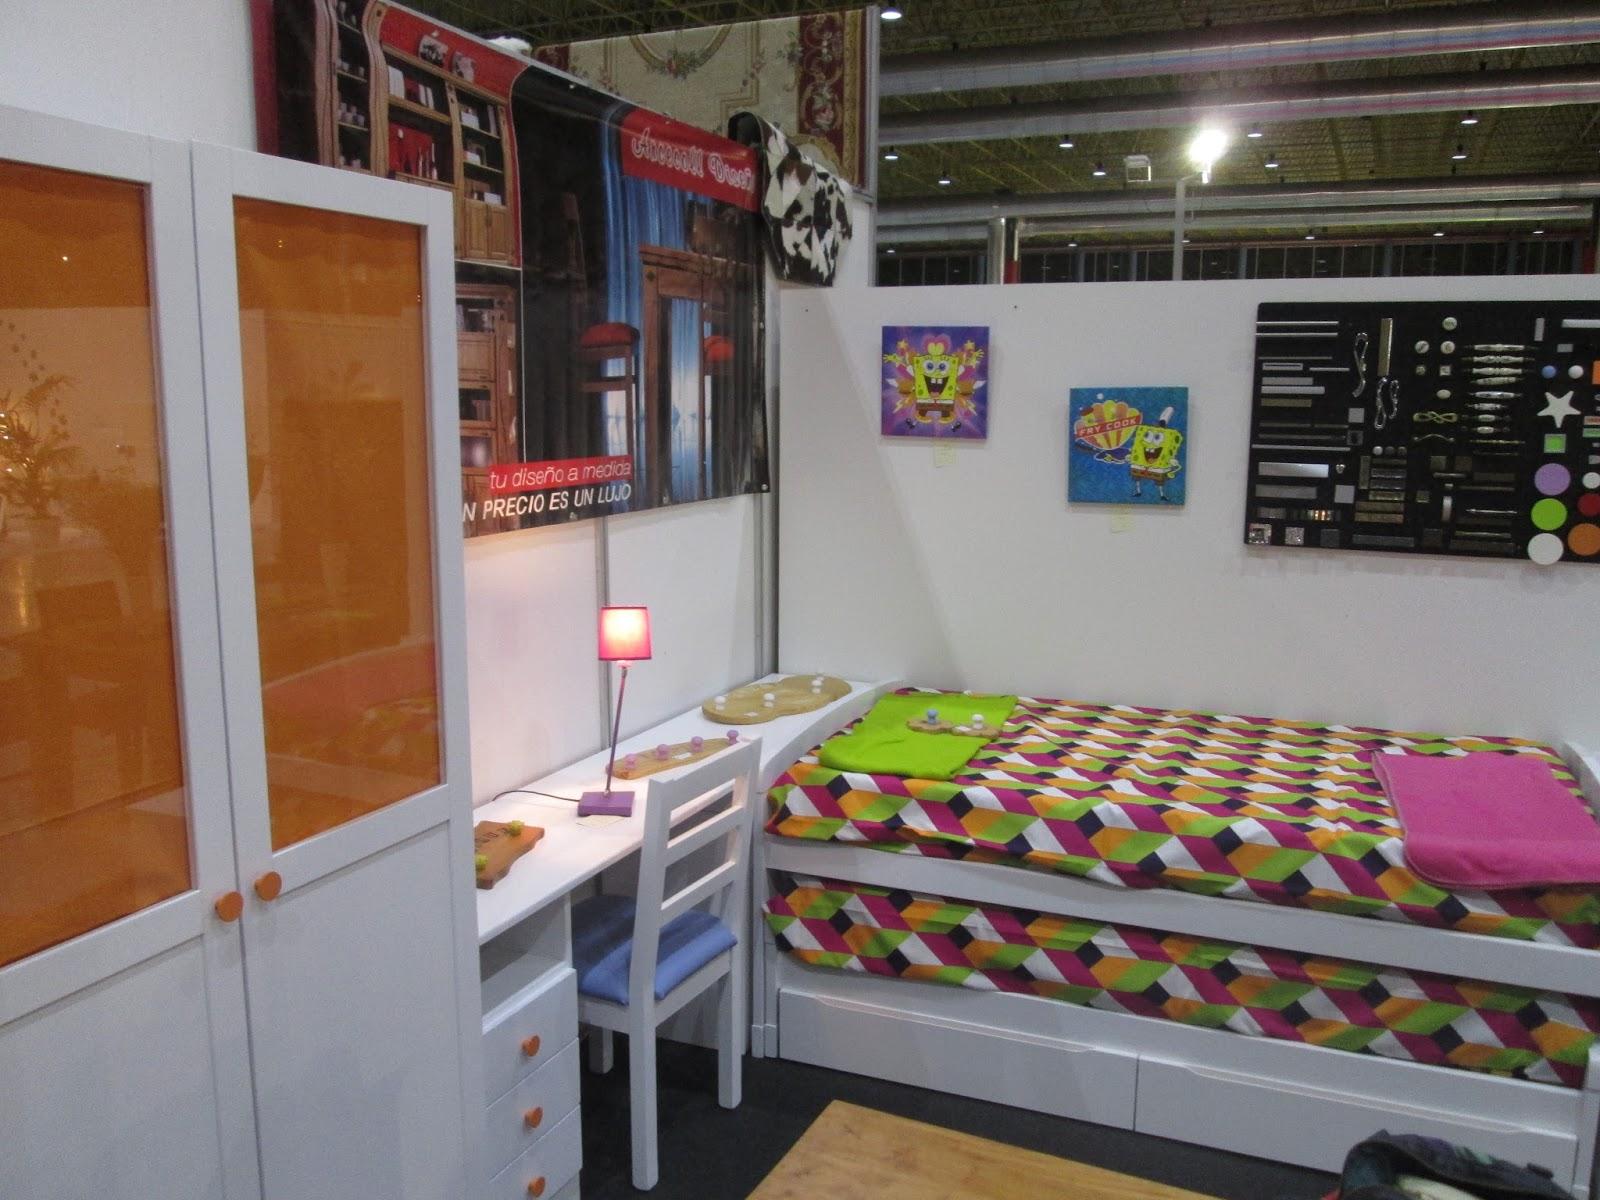 Muebles arcecoll dormitorios juveniles - Sillas para habitaciones ...